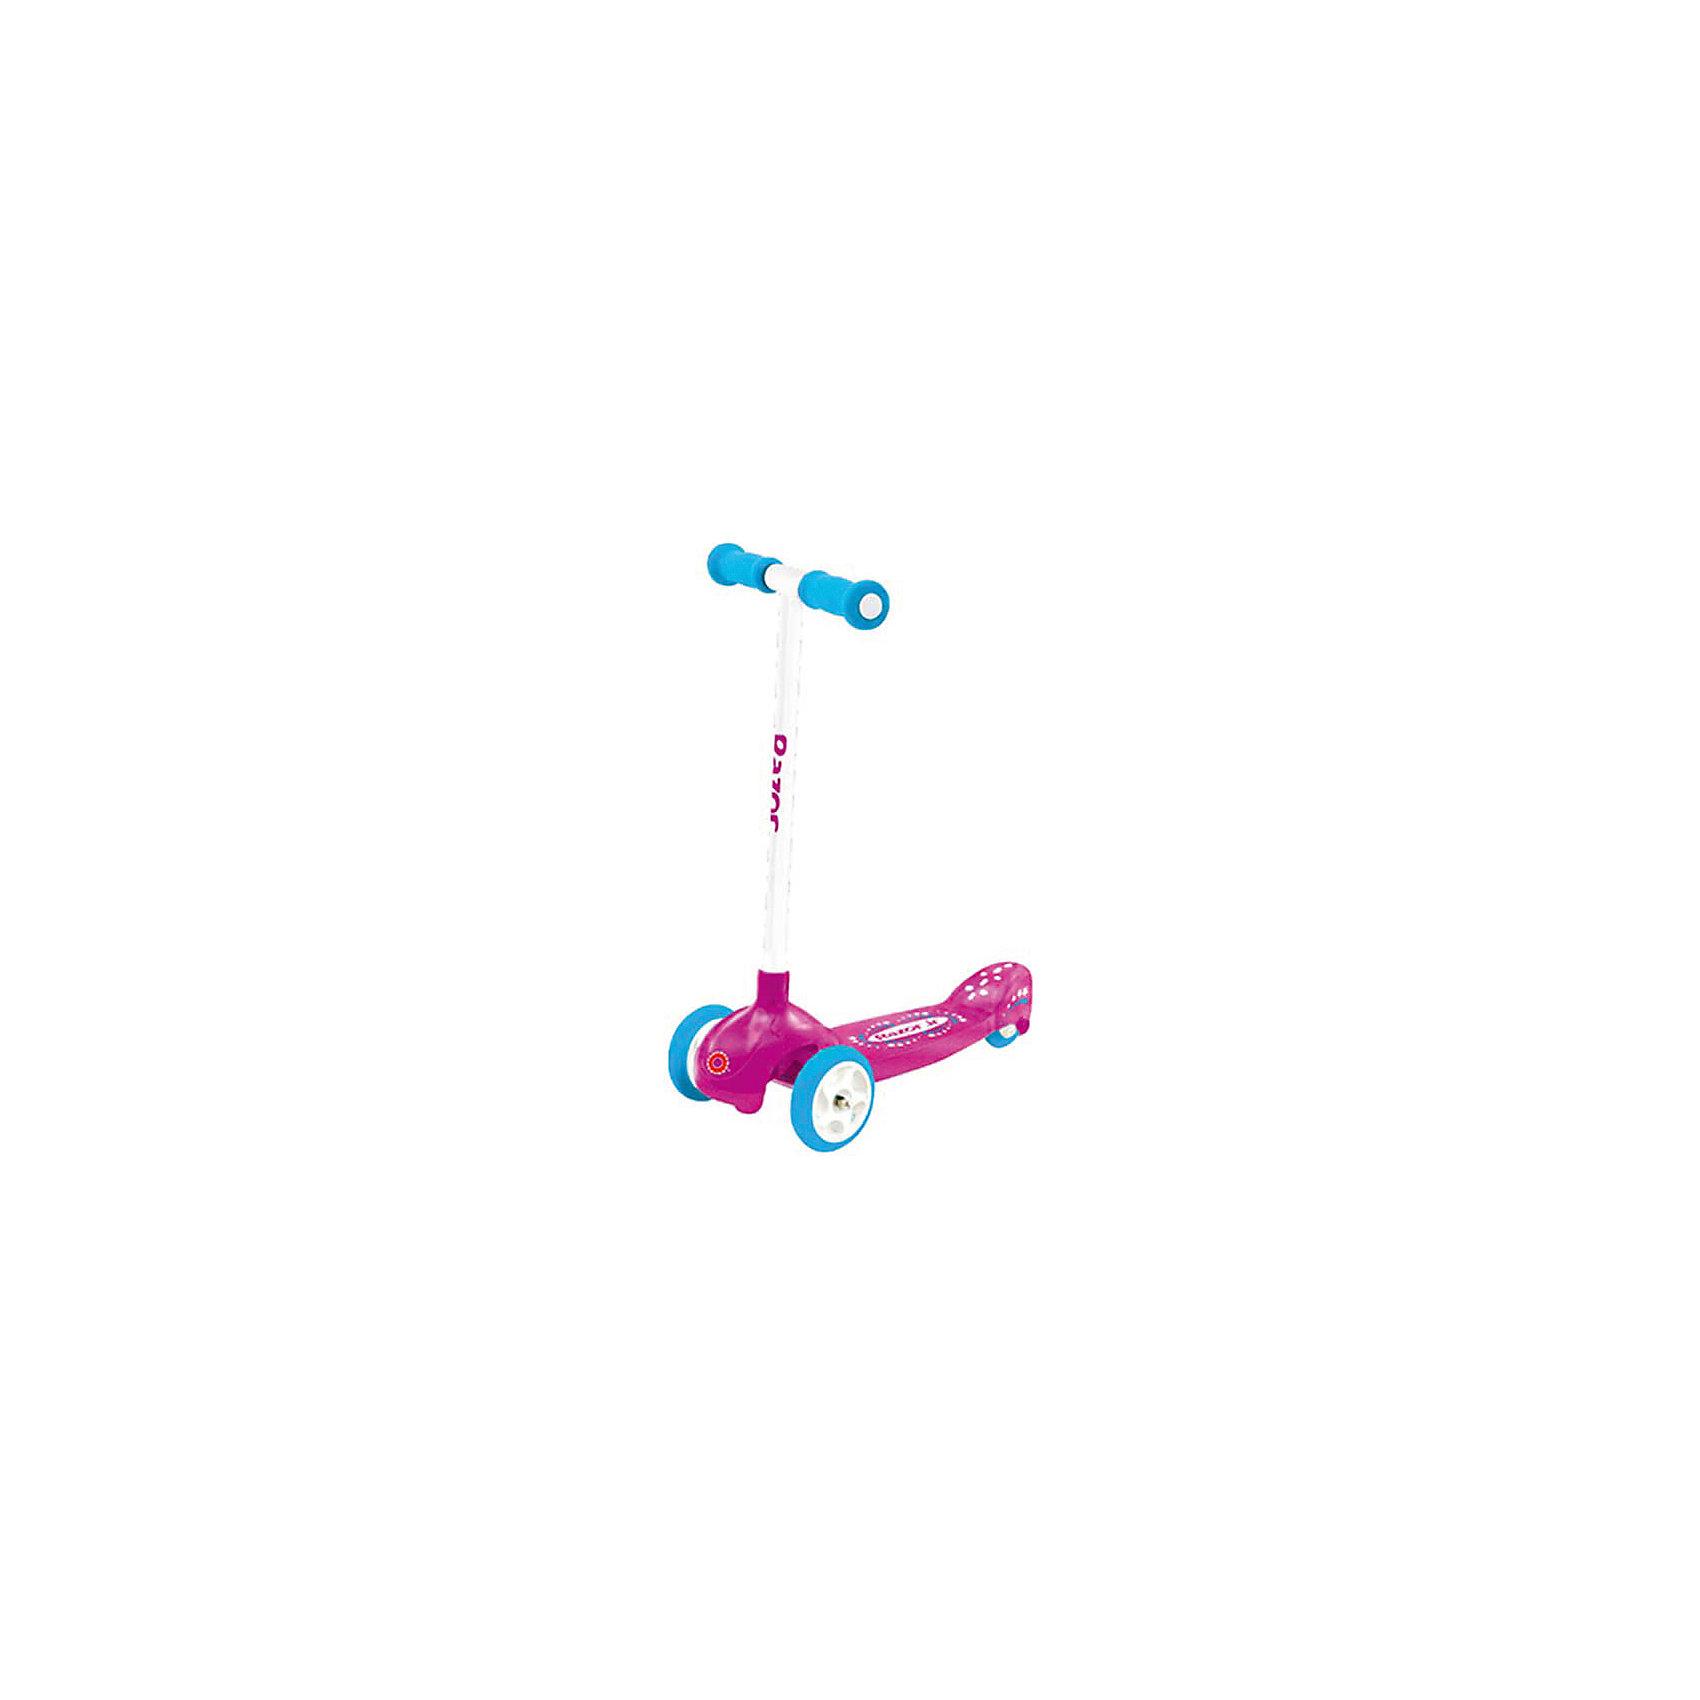 Razor Детский трёхколёсный самокат Lil Pop, розовый, Razor